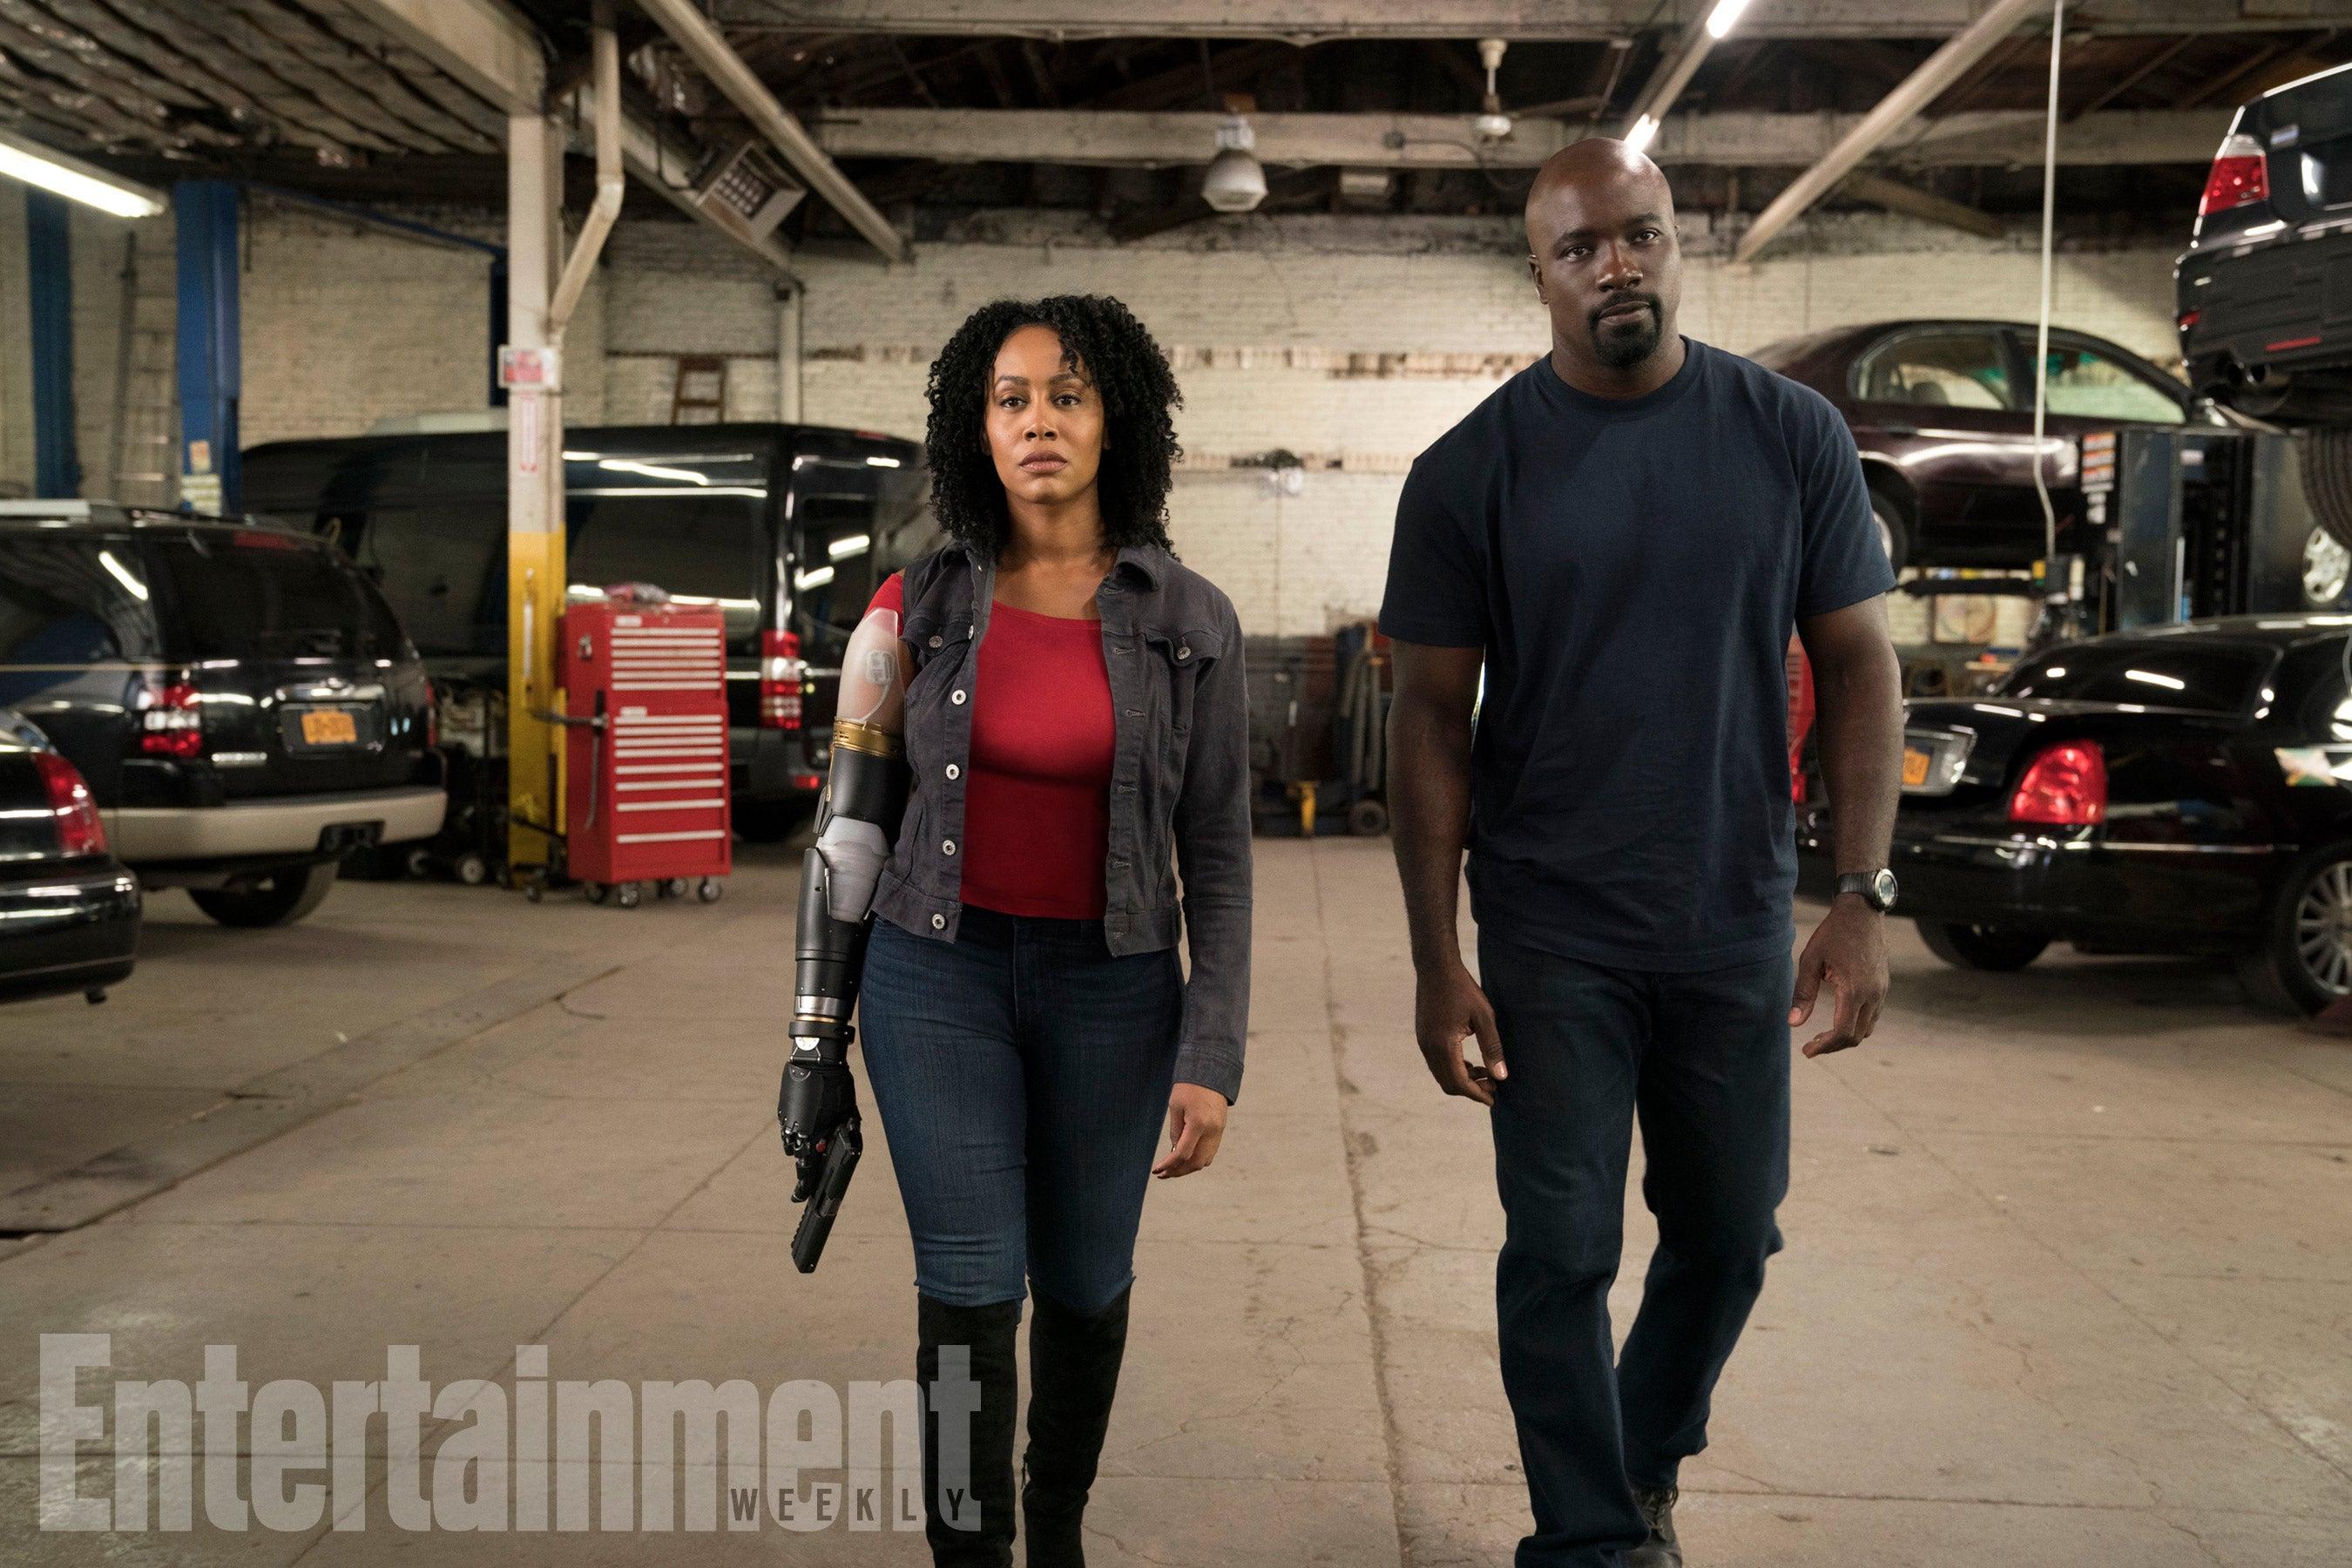 'Luke Cage' Season 2: Here's Misty Knight's Bionic Arm